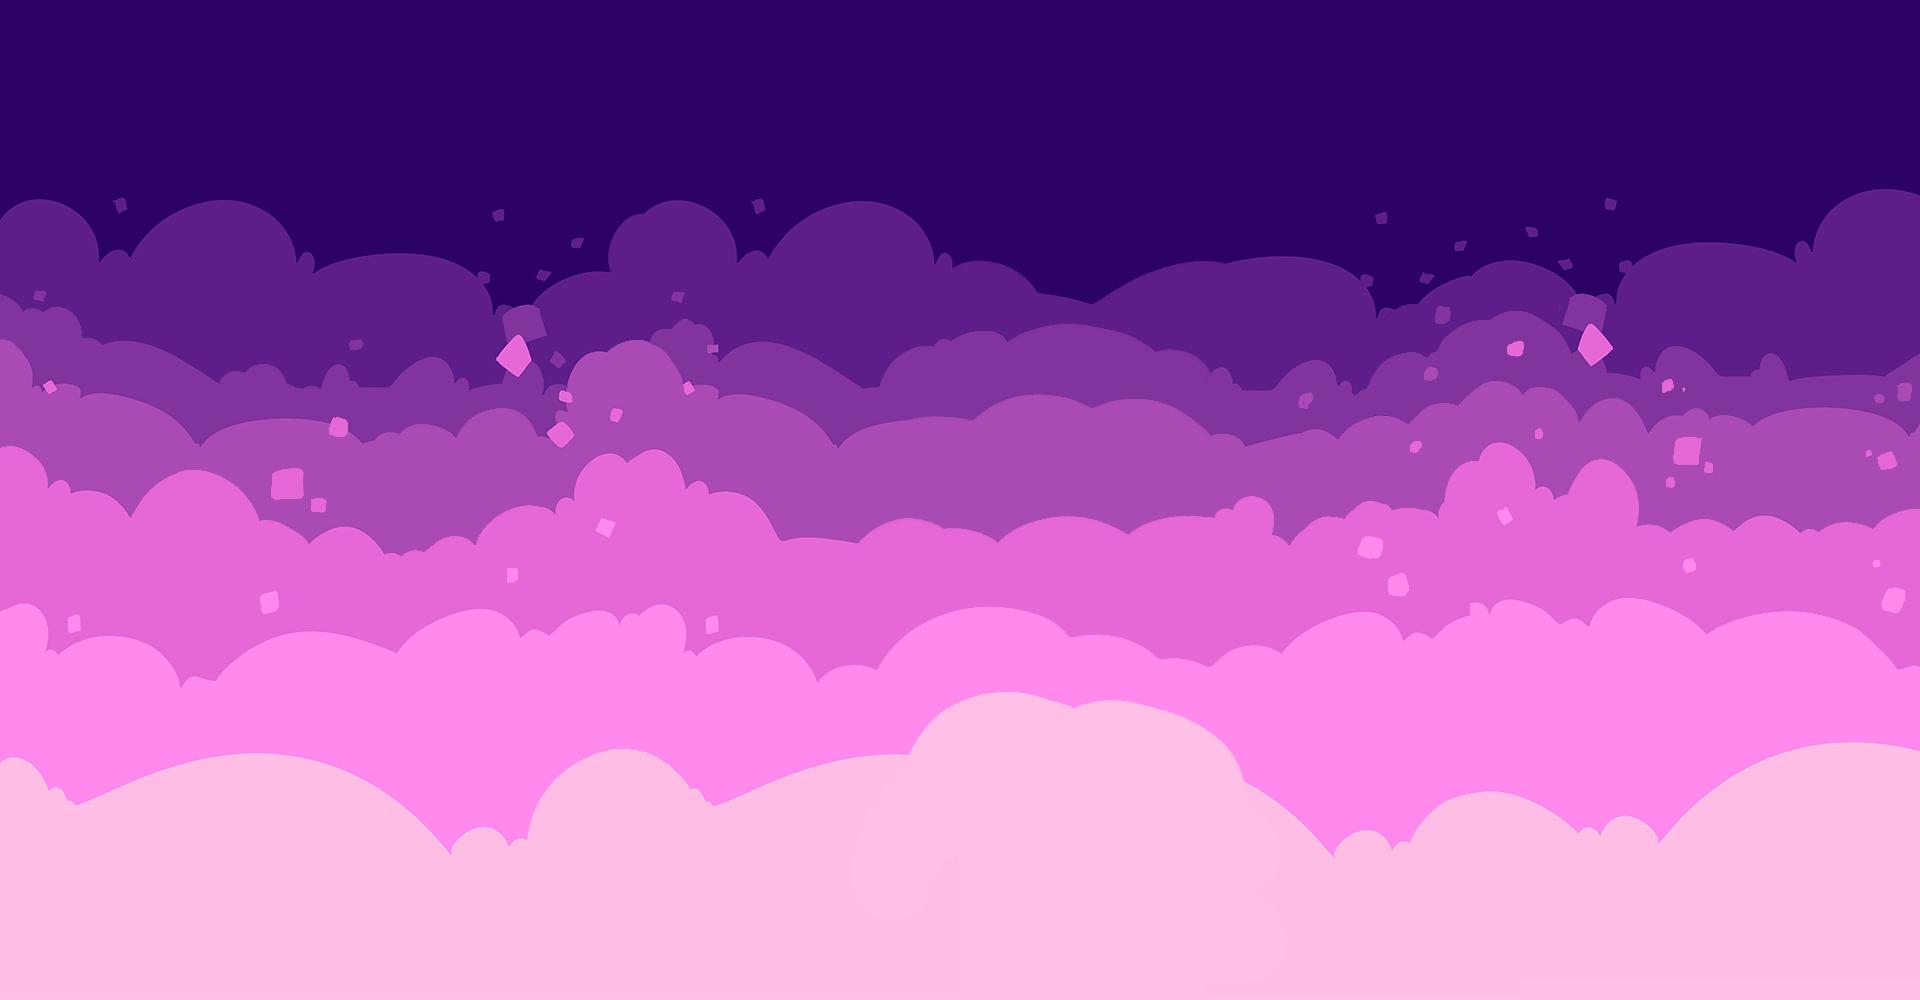 backgroundv4